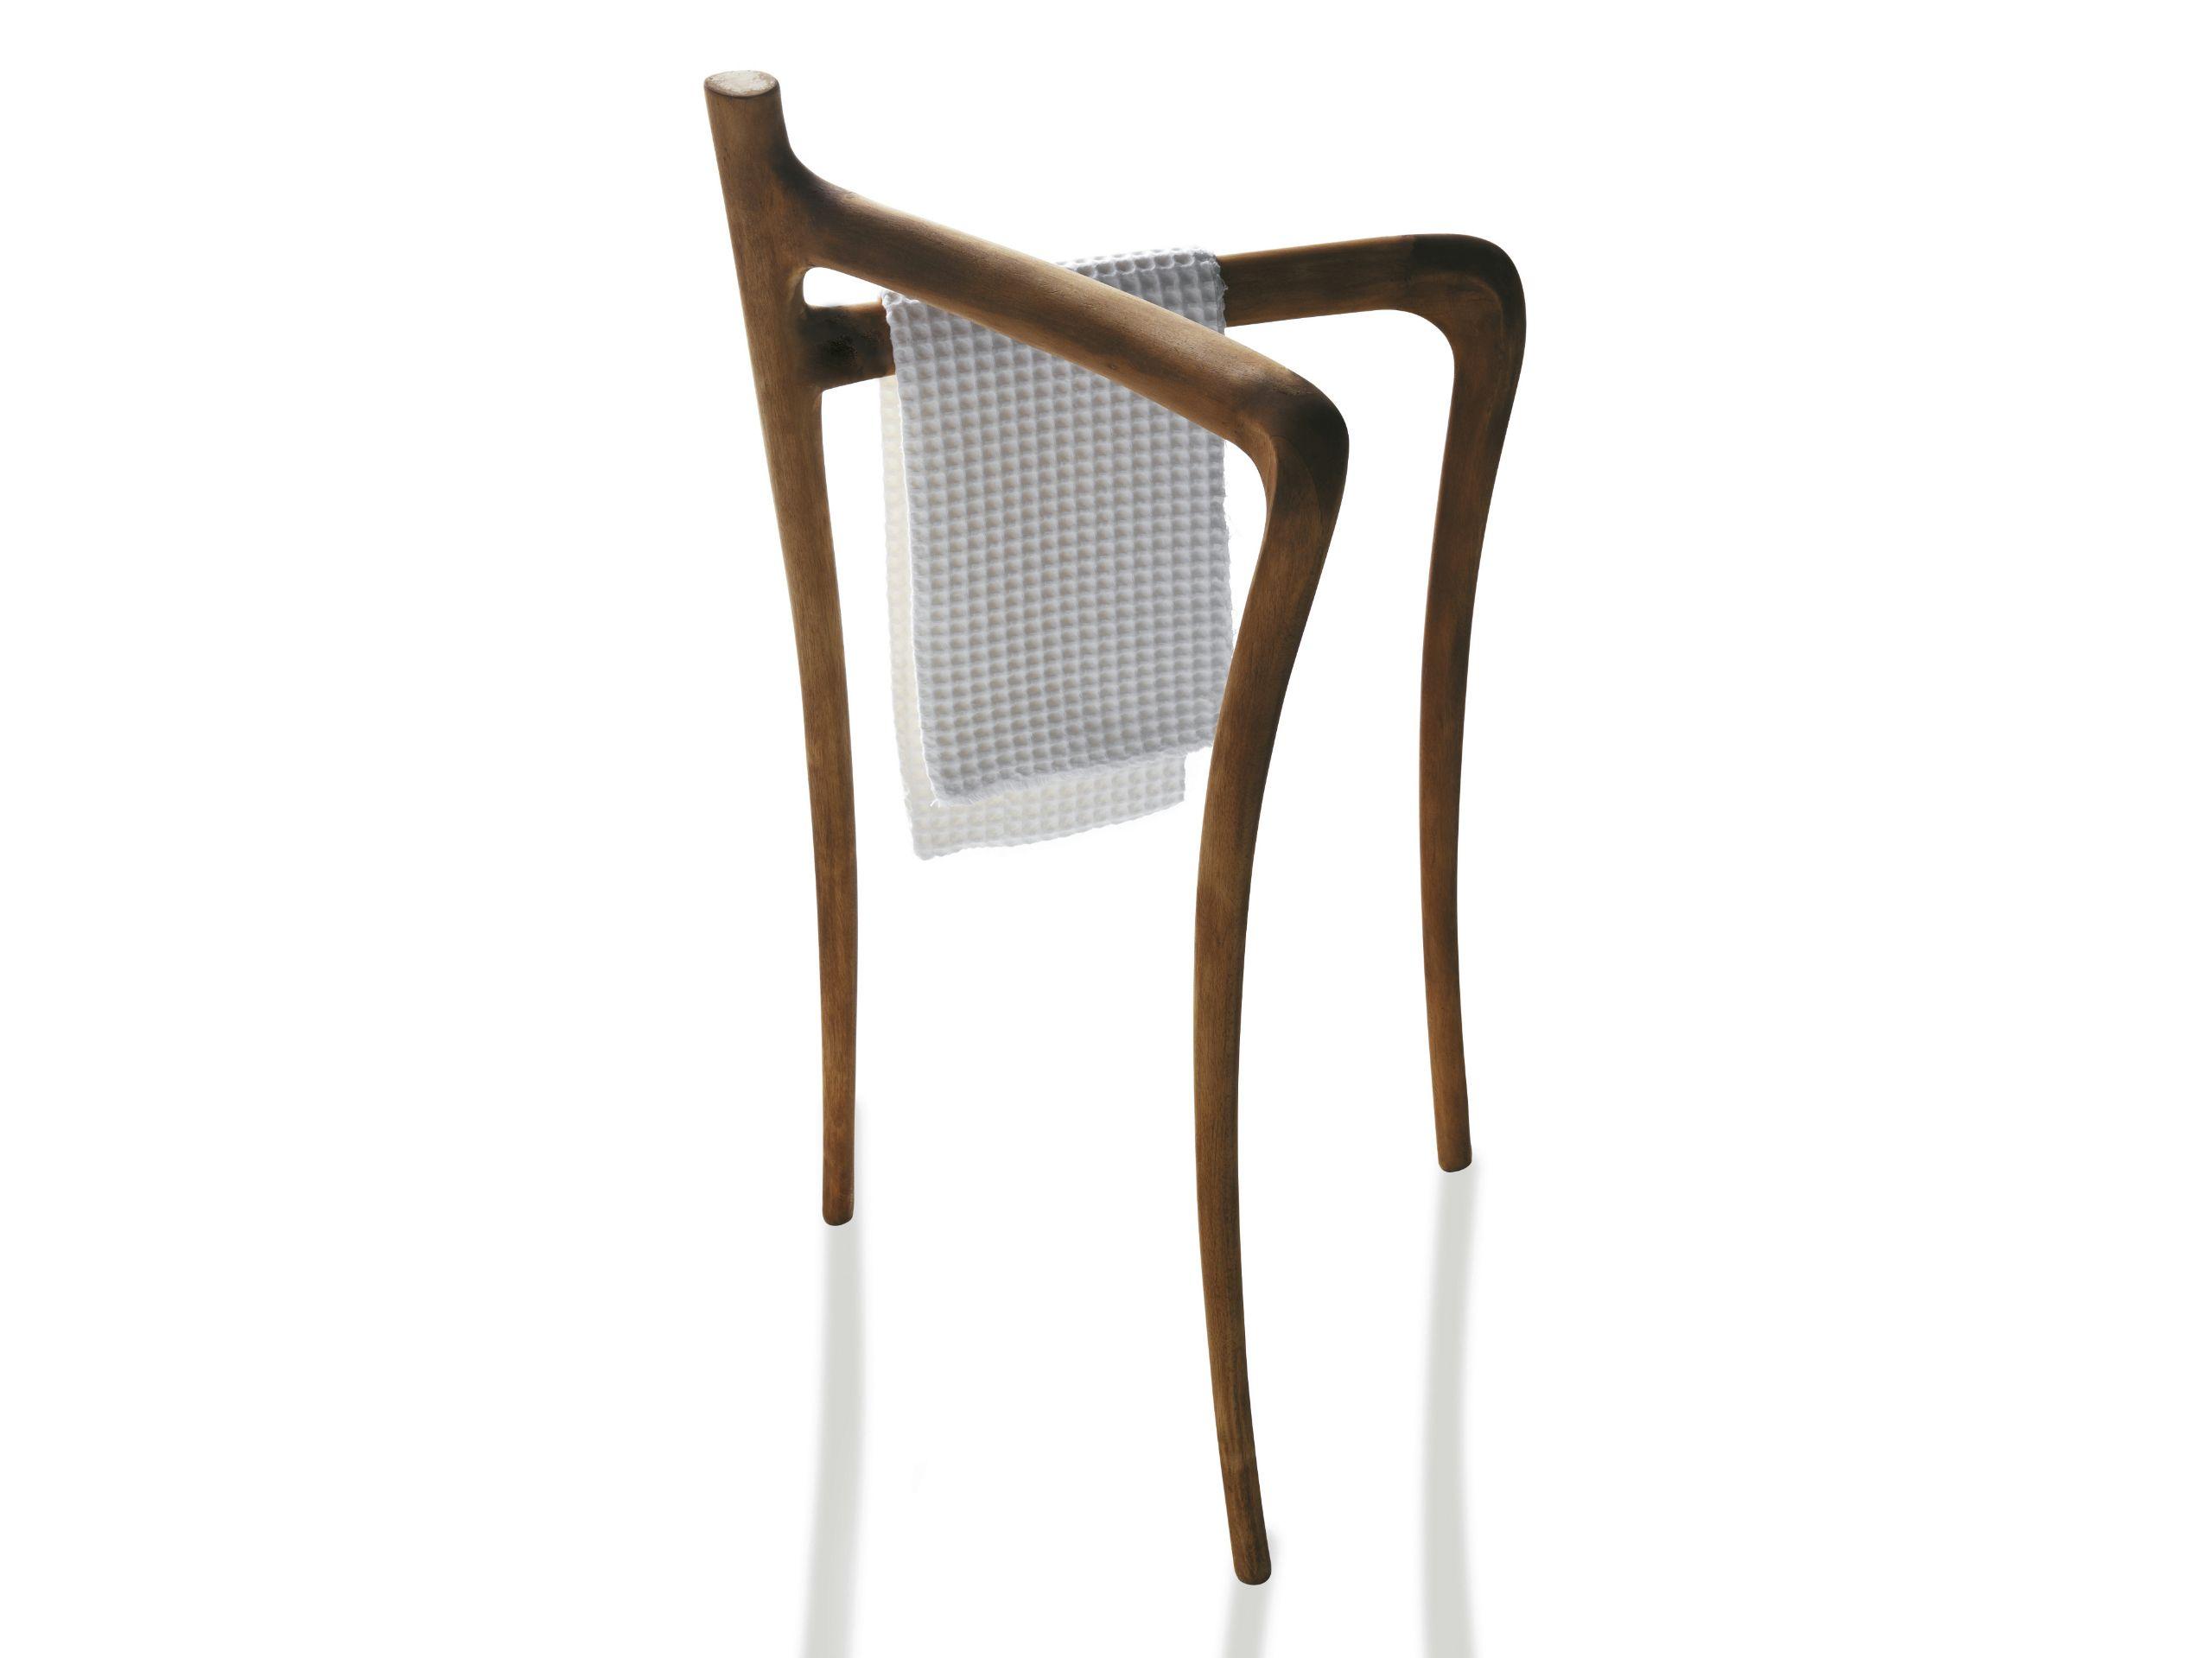 Ergo Floor Stand Artisan Designs : Ergo towel rack by galassia design antonio pascale